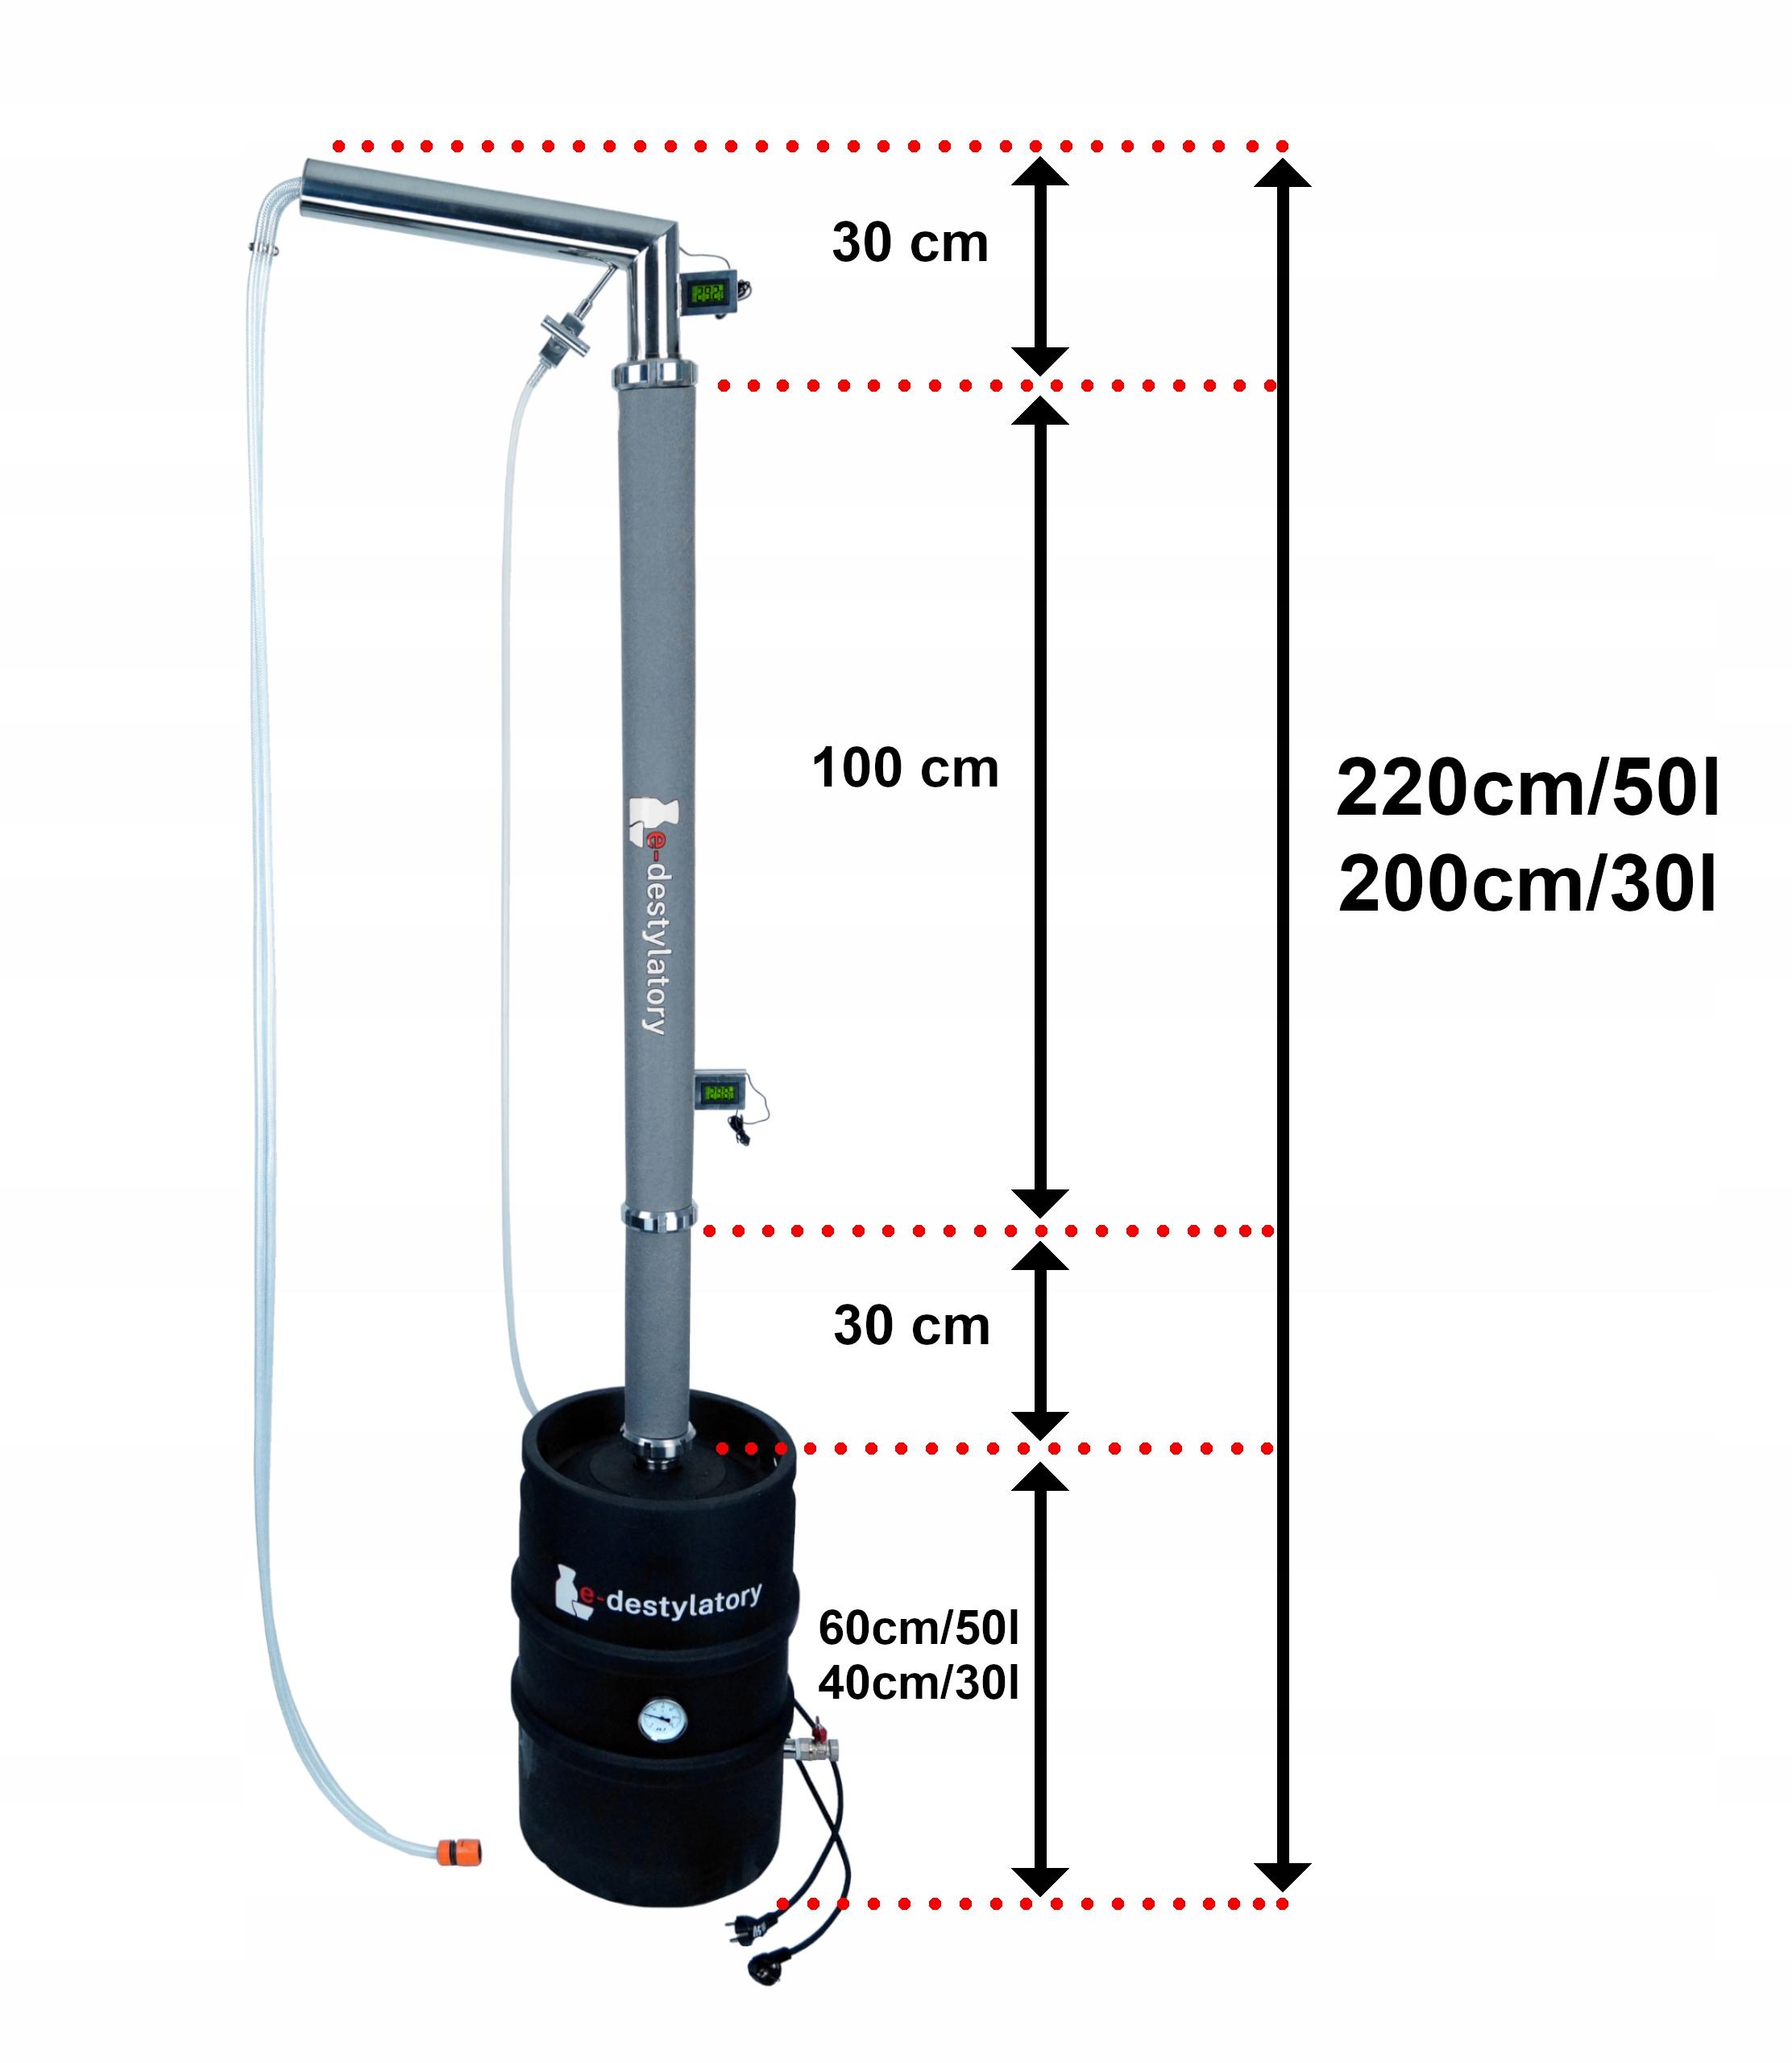 DESTYLATOR A ABRATEK KOLUMNA 160cm 3x SMS MIEDŹ Waga produktu z opakowaniem jednostkowym 14 kg